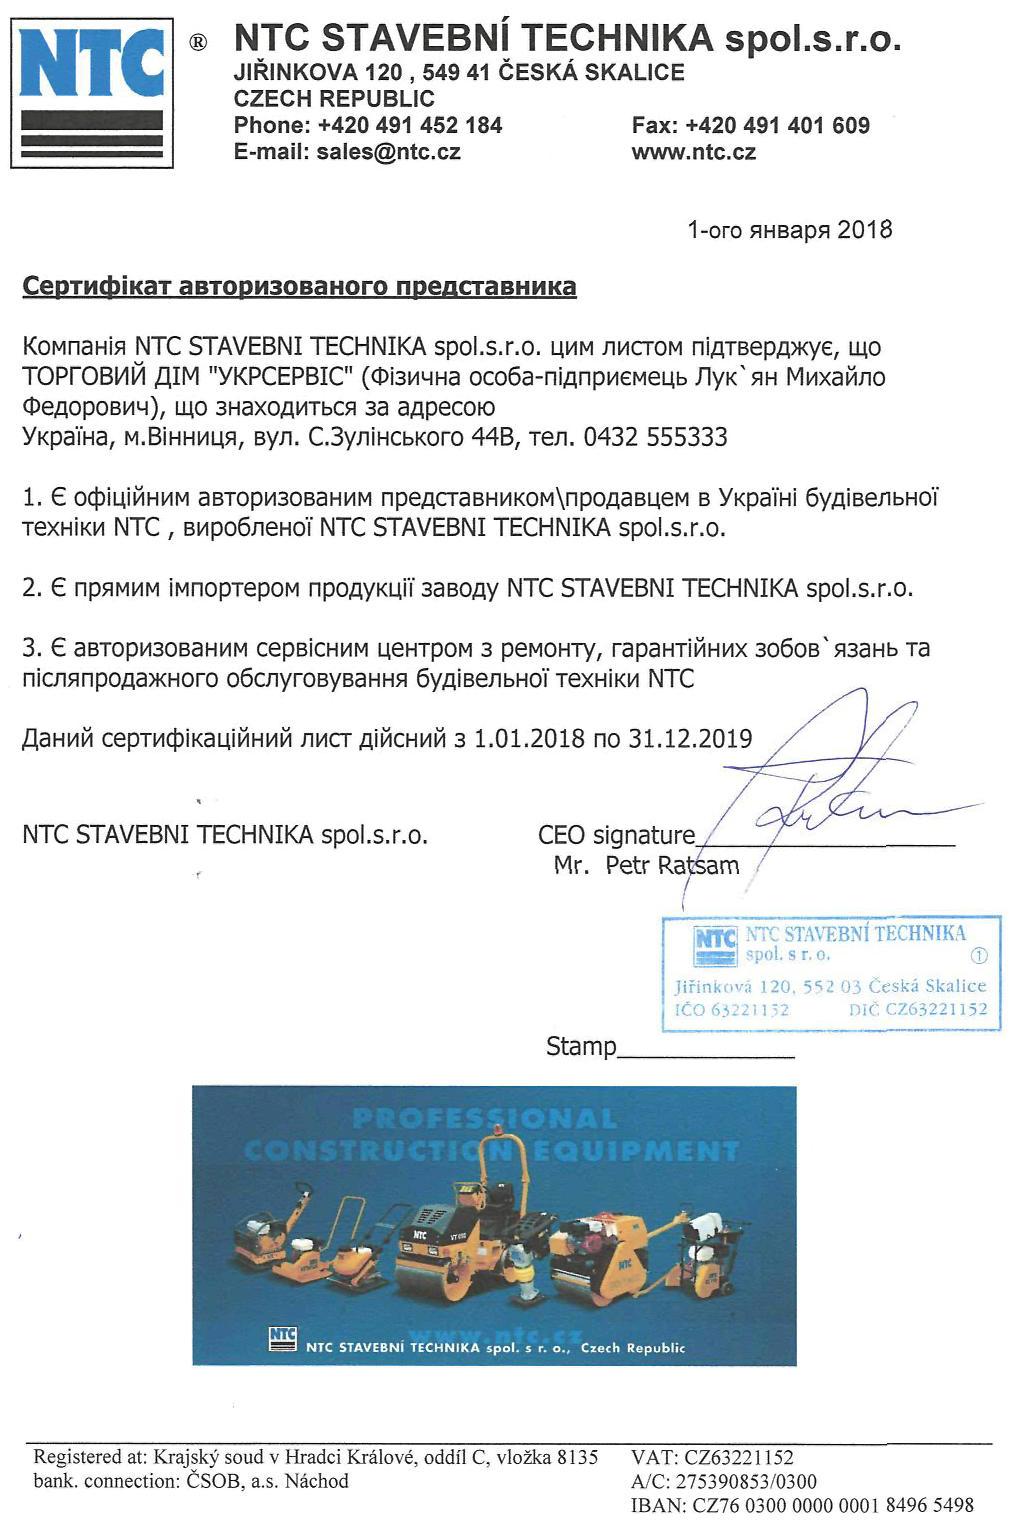 Официальный сертификат импортера ТМ NTC